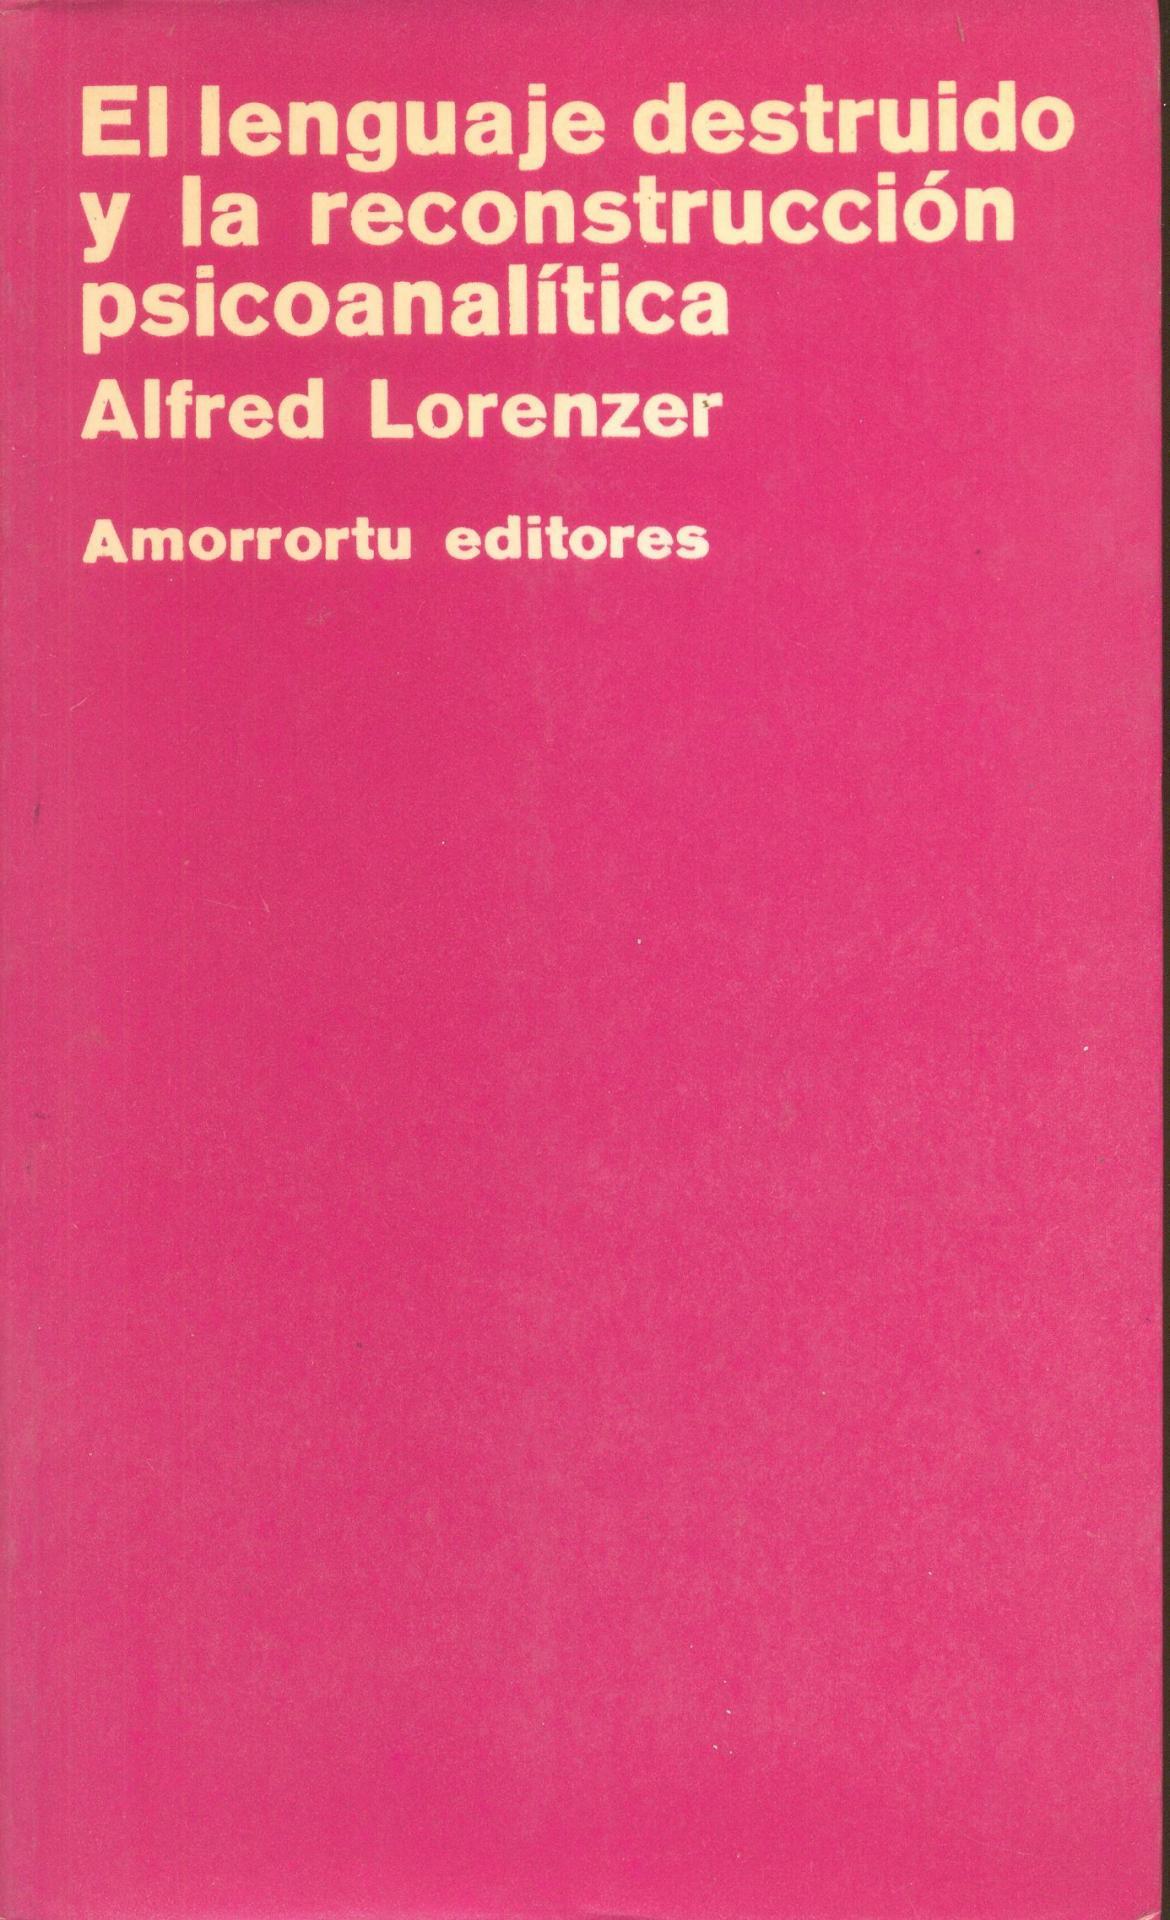 EL LENGUAJE DESTRUIDO Y LA RECONSTRUCCIÓN PSICOANALÍTICA. Lorenzer, A.